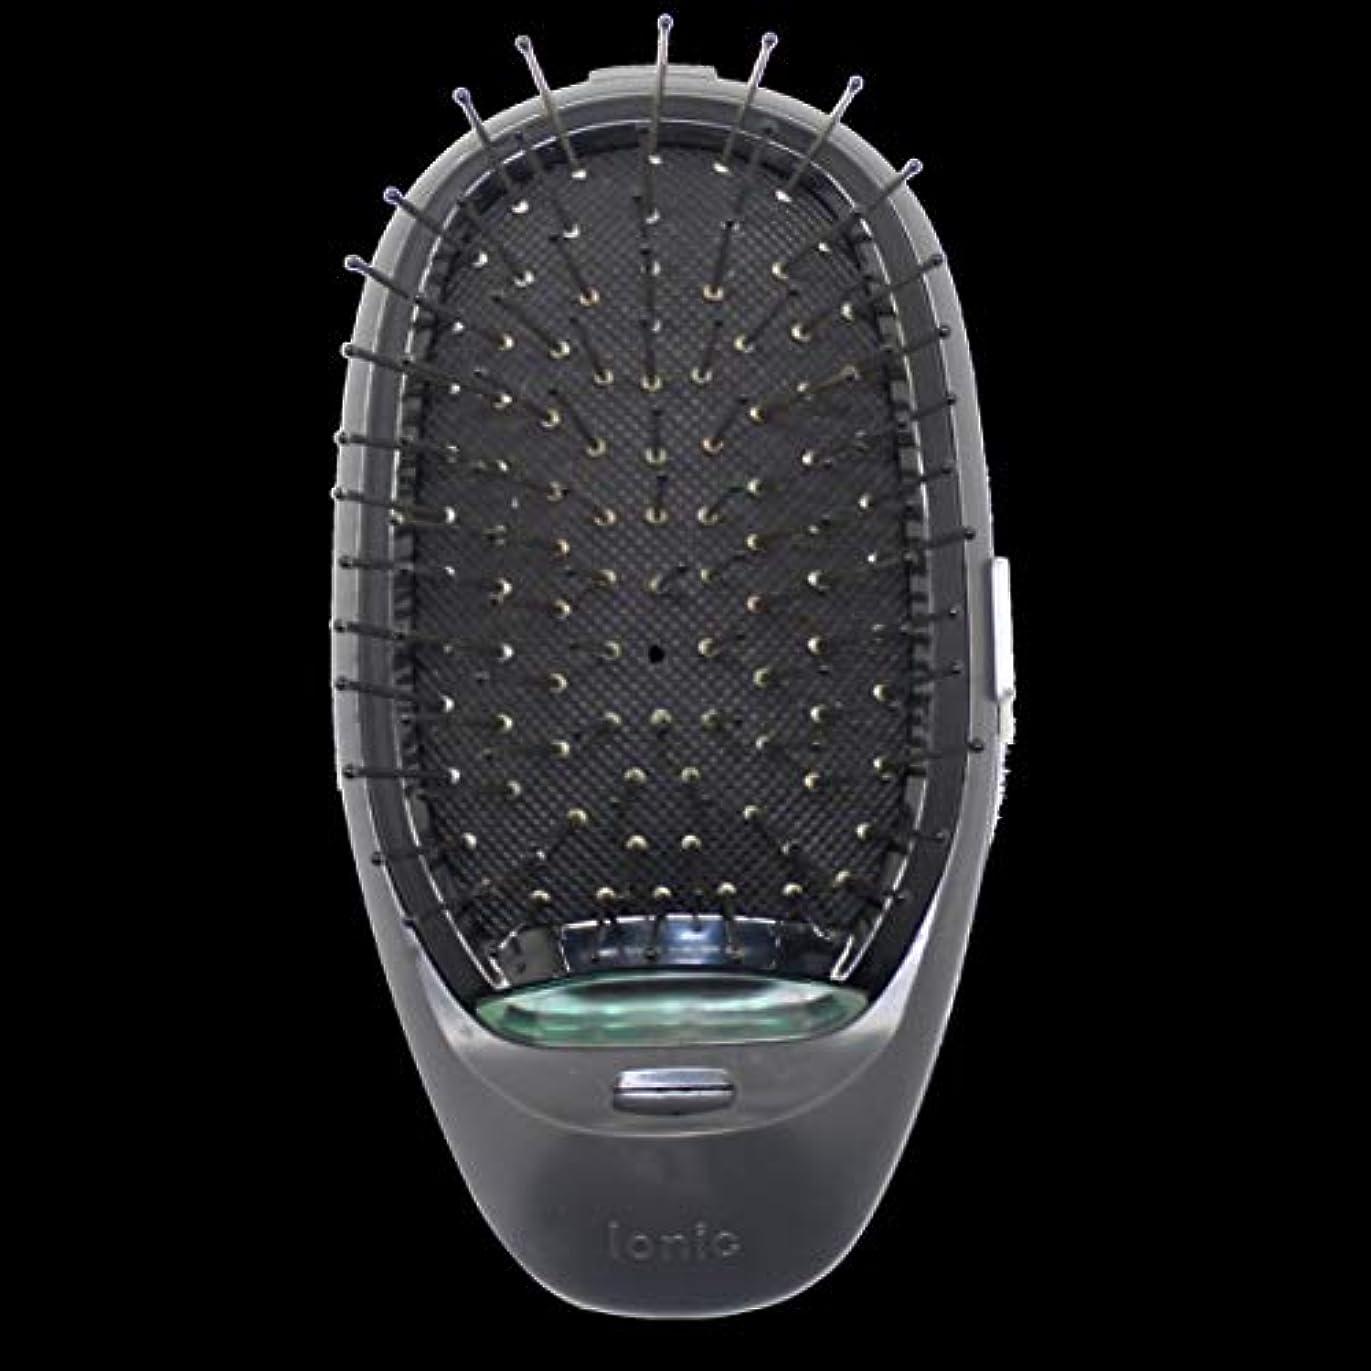 レキシコン士気知っているに立ち寄る電動マッサージヘアブラシミニマイナスイオンヘアコム3Dインフレータブルコーム帯電防止ガールズヘアブラシ電池式 - ブラック